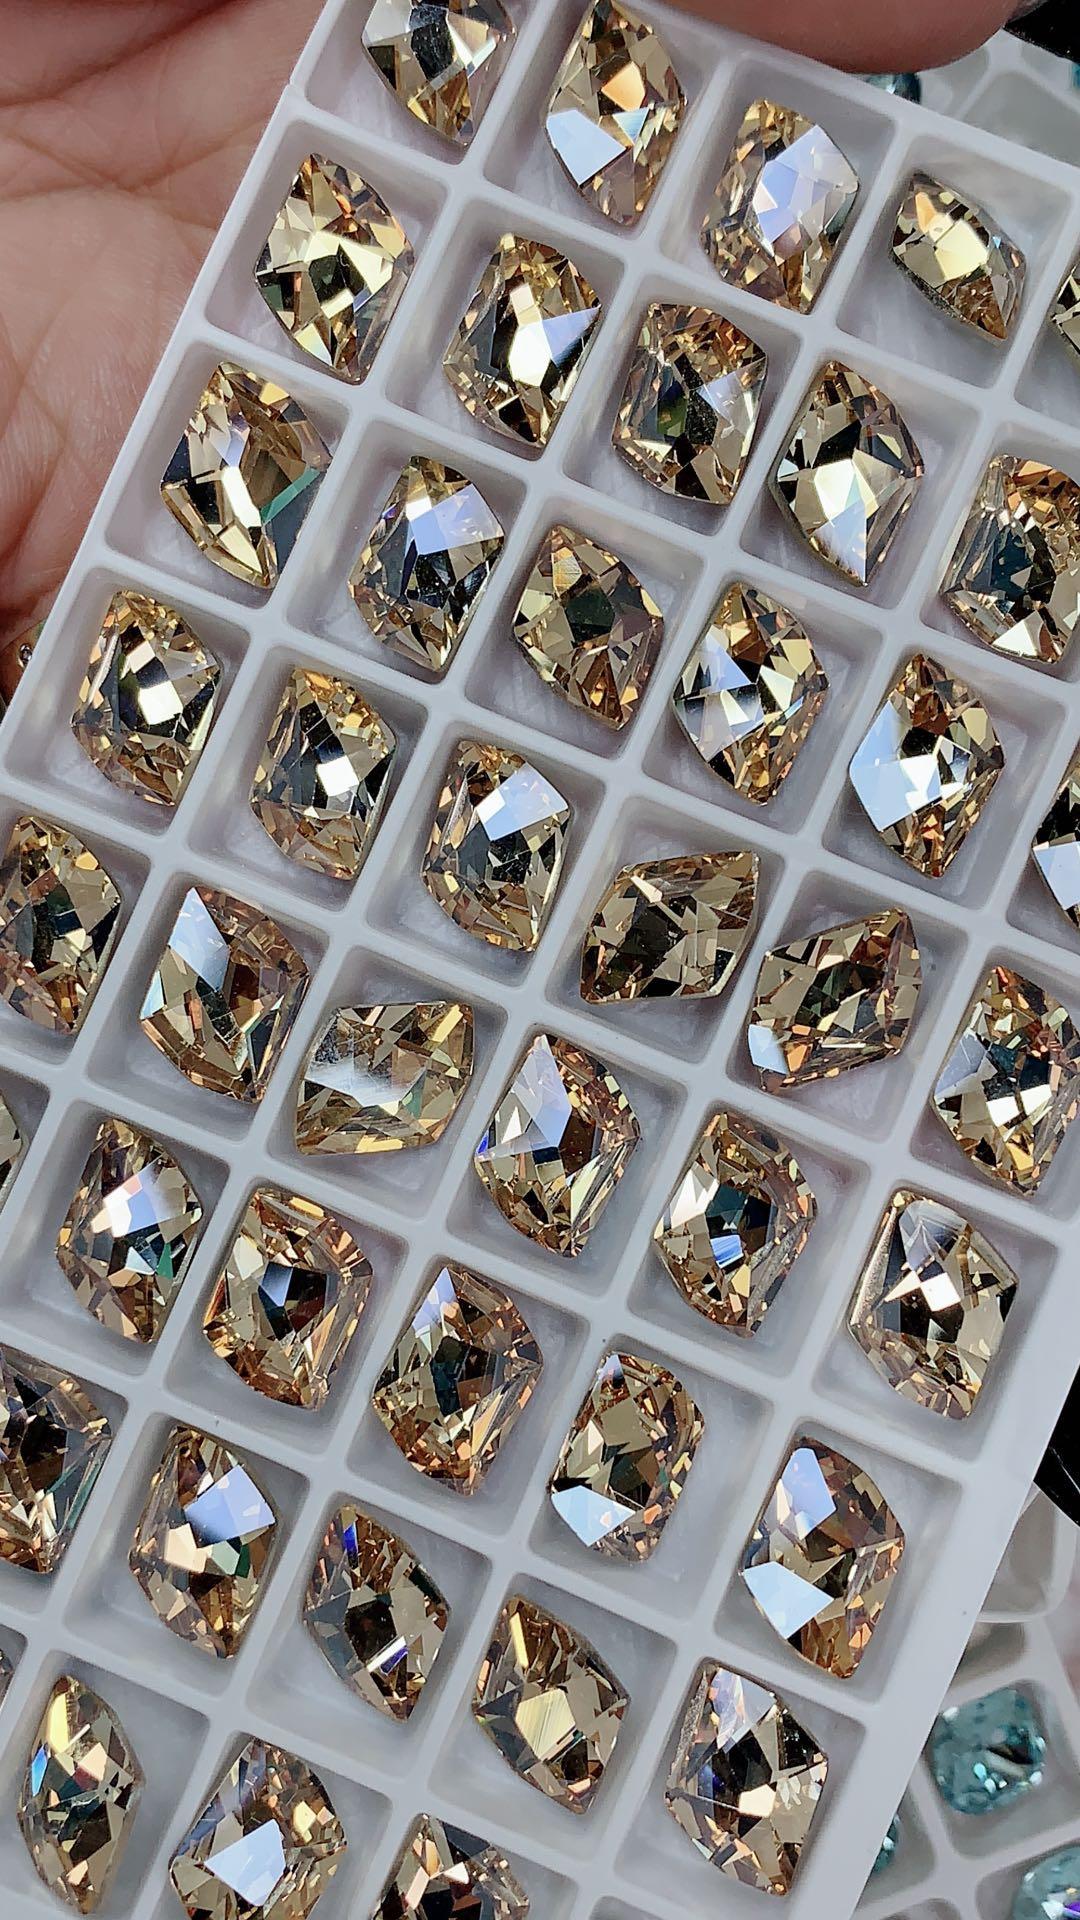 F施华洛水晶同款 美甲尖底大颗 精品材质 尖底奢华